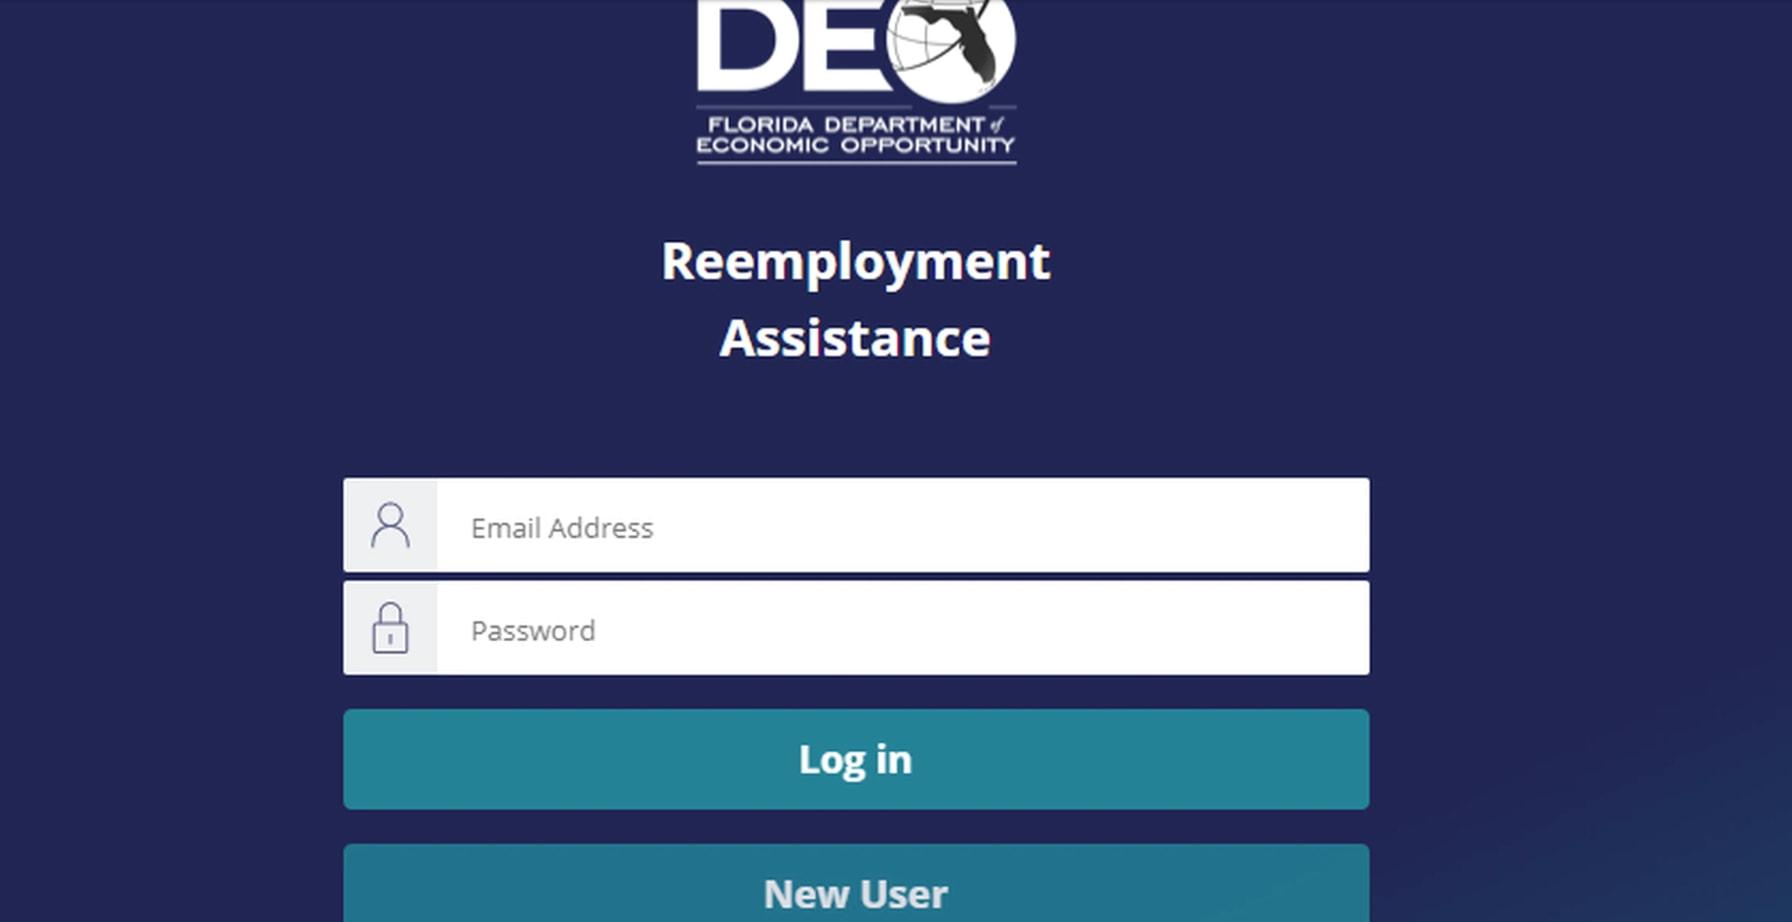 deo website